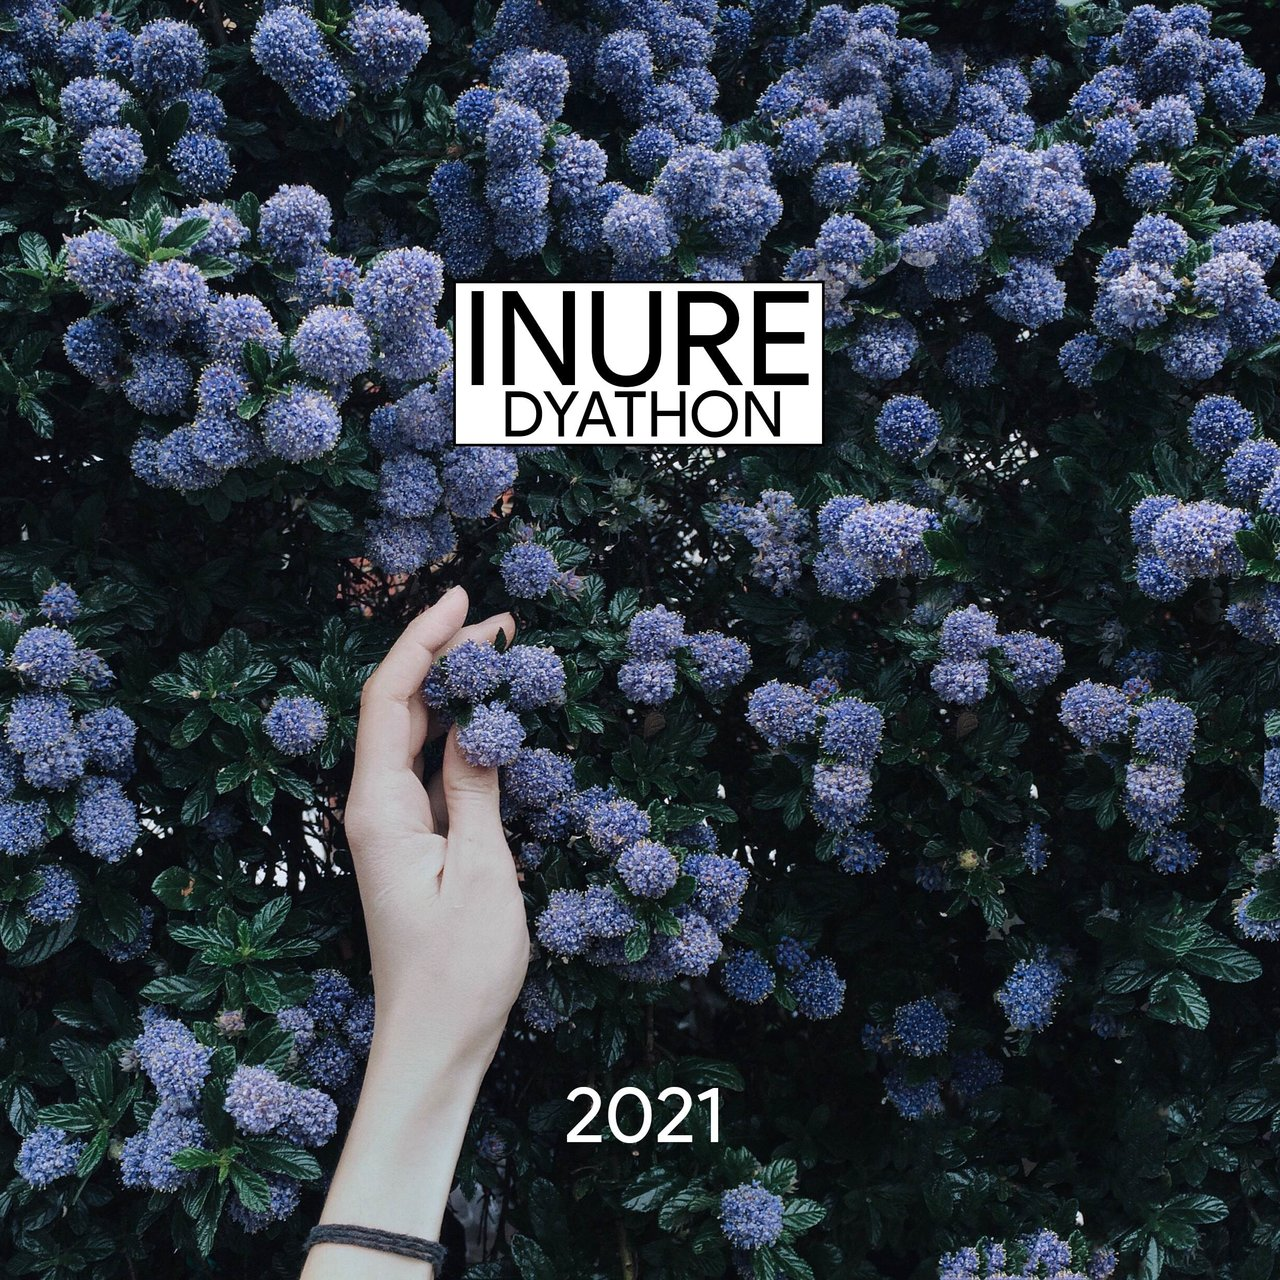 DYATHON - Inure